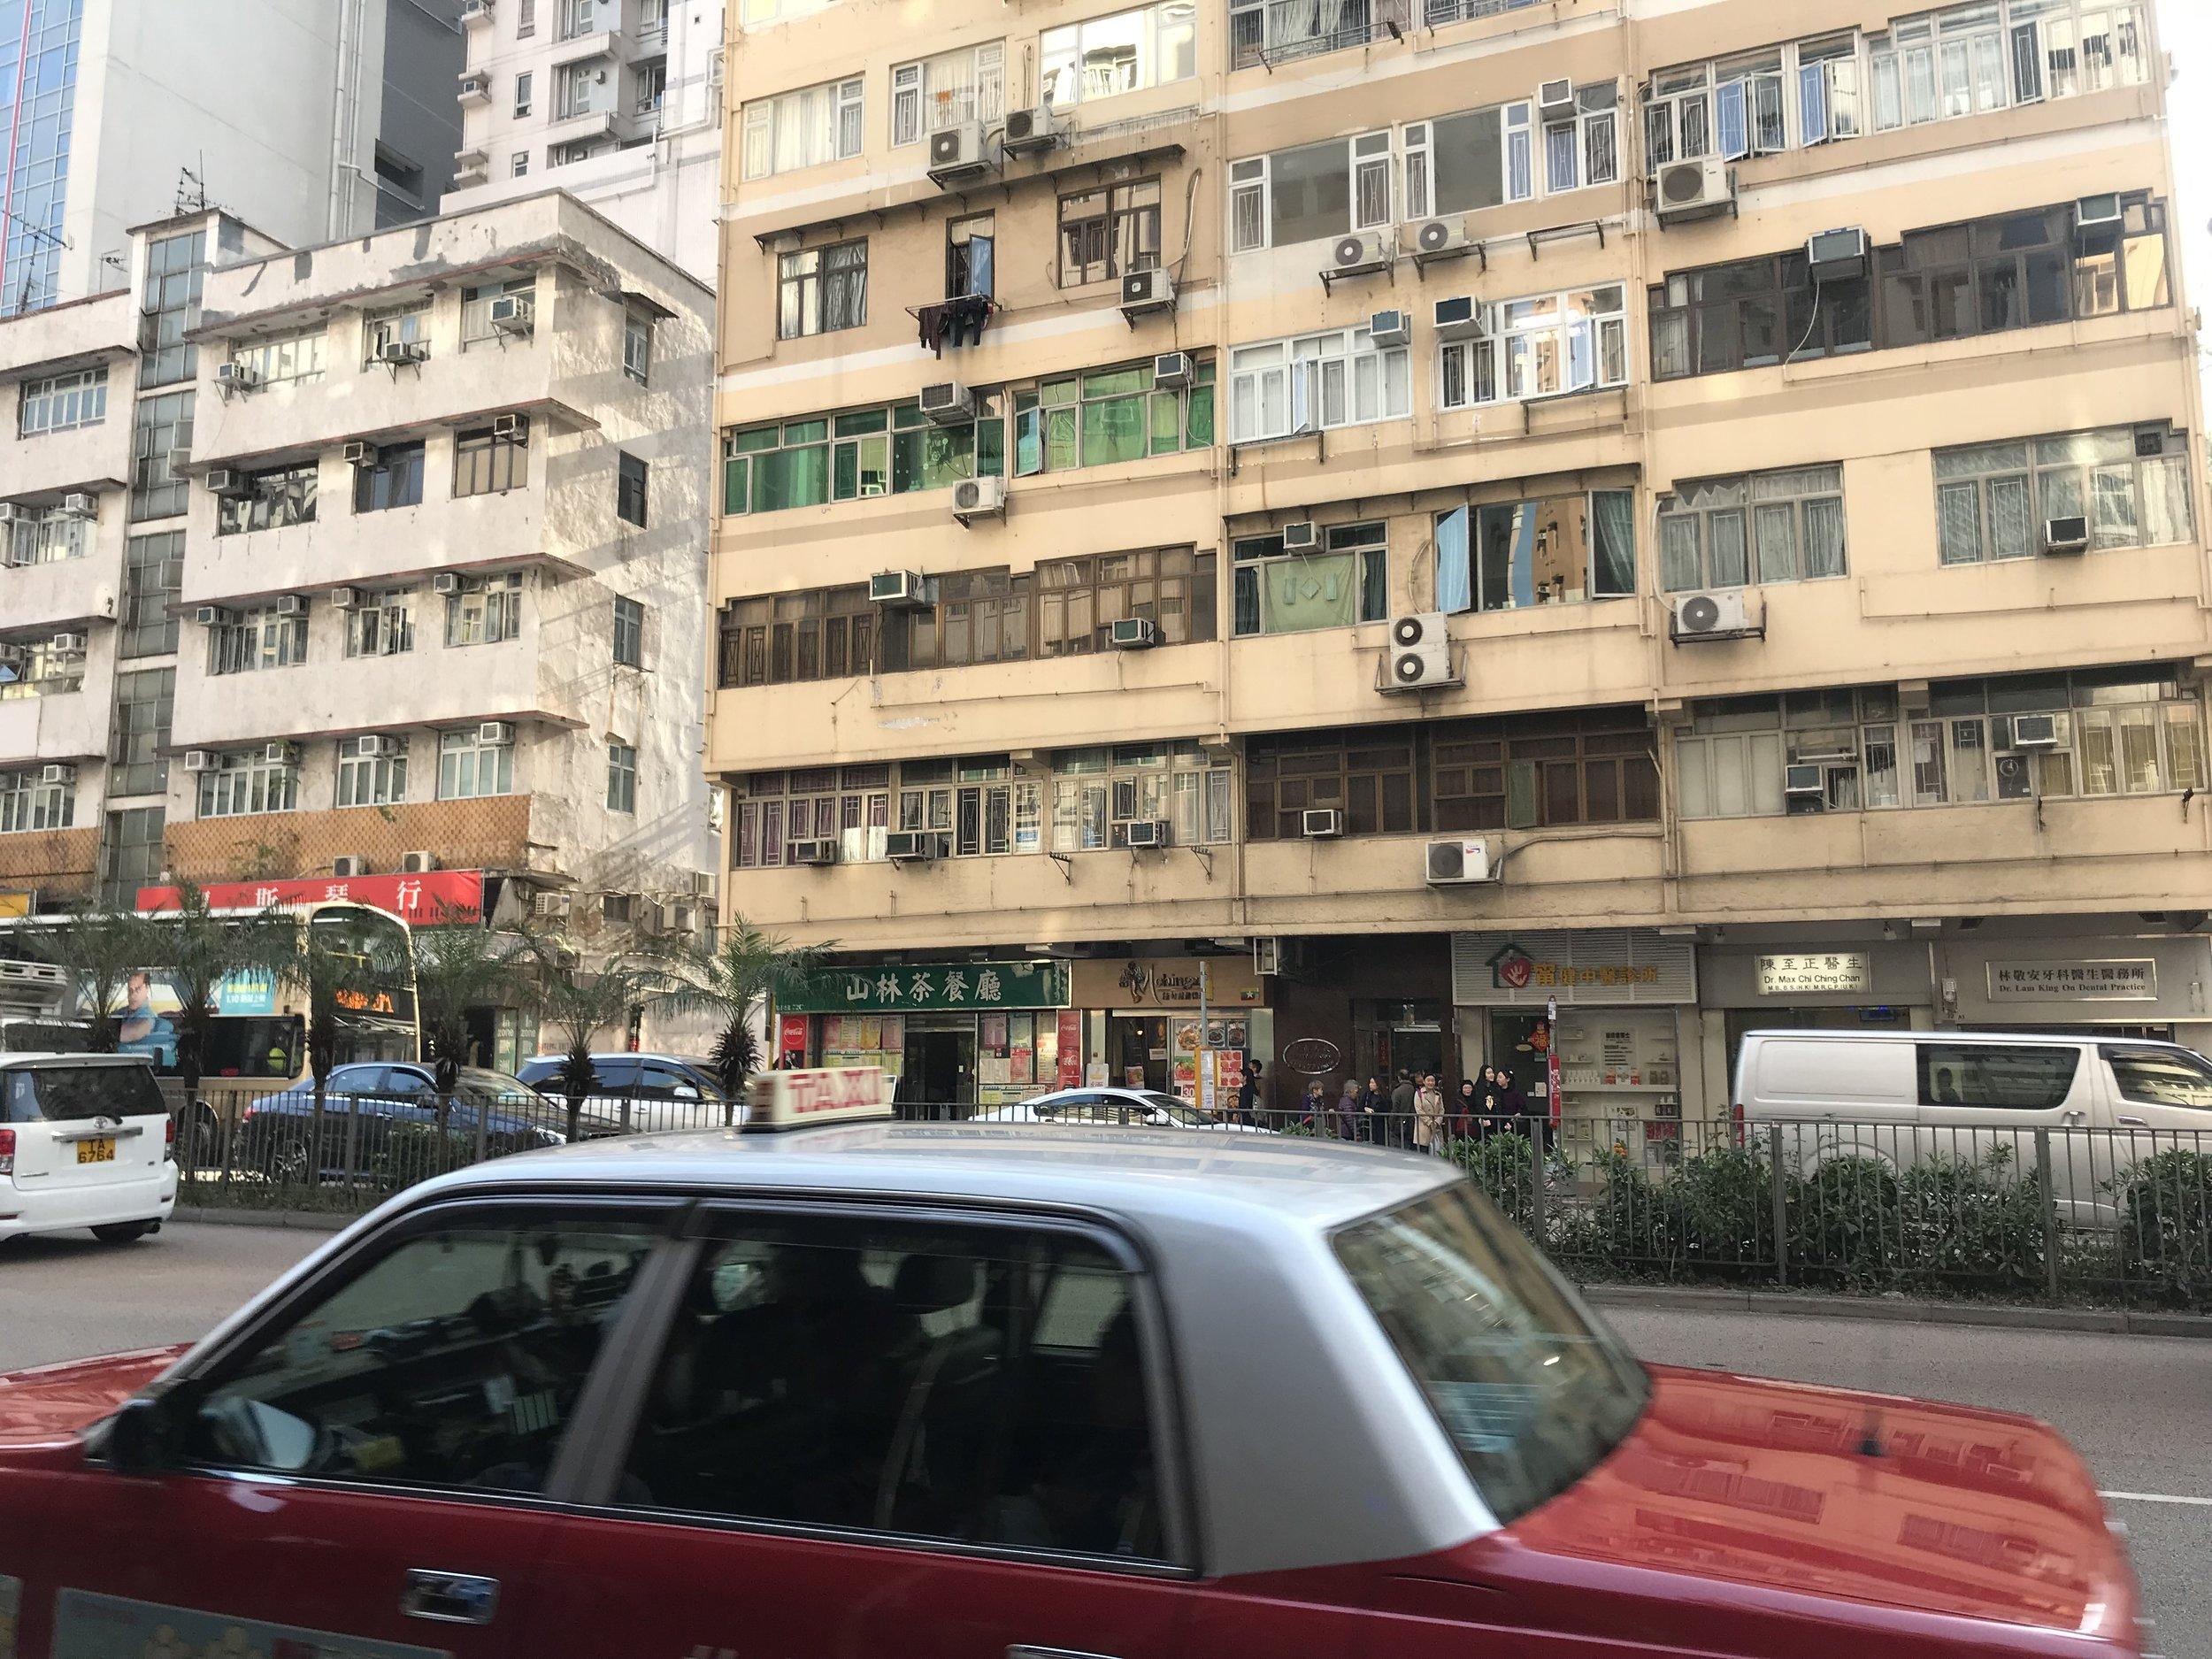 Tại Kowloon các kiến trúc mới cũ pha lẫn. Nhưng đa số các cao ốc đều cũ kỹ.